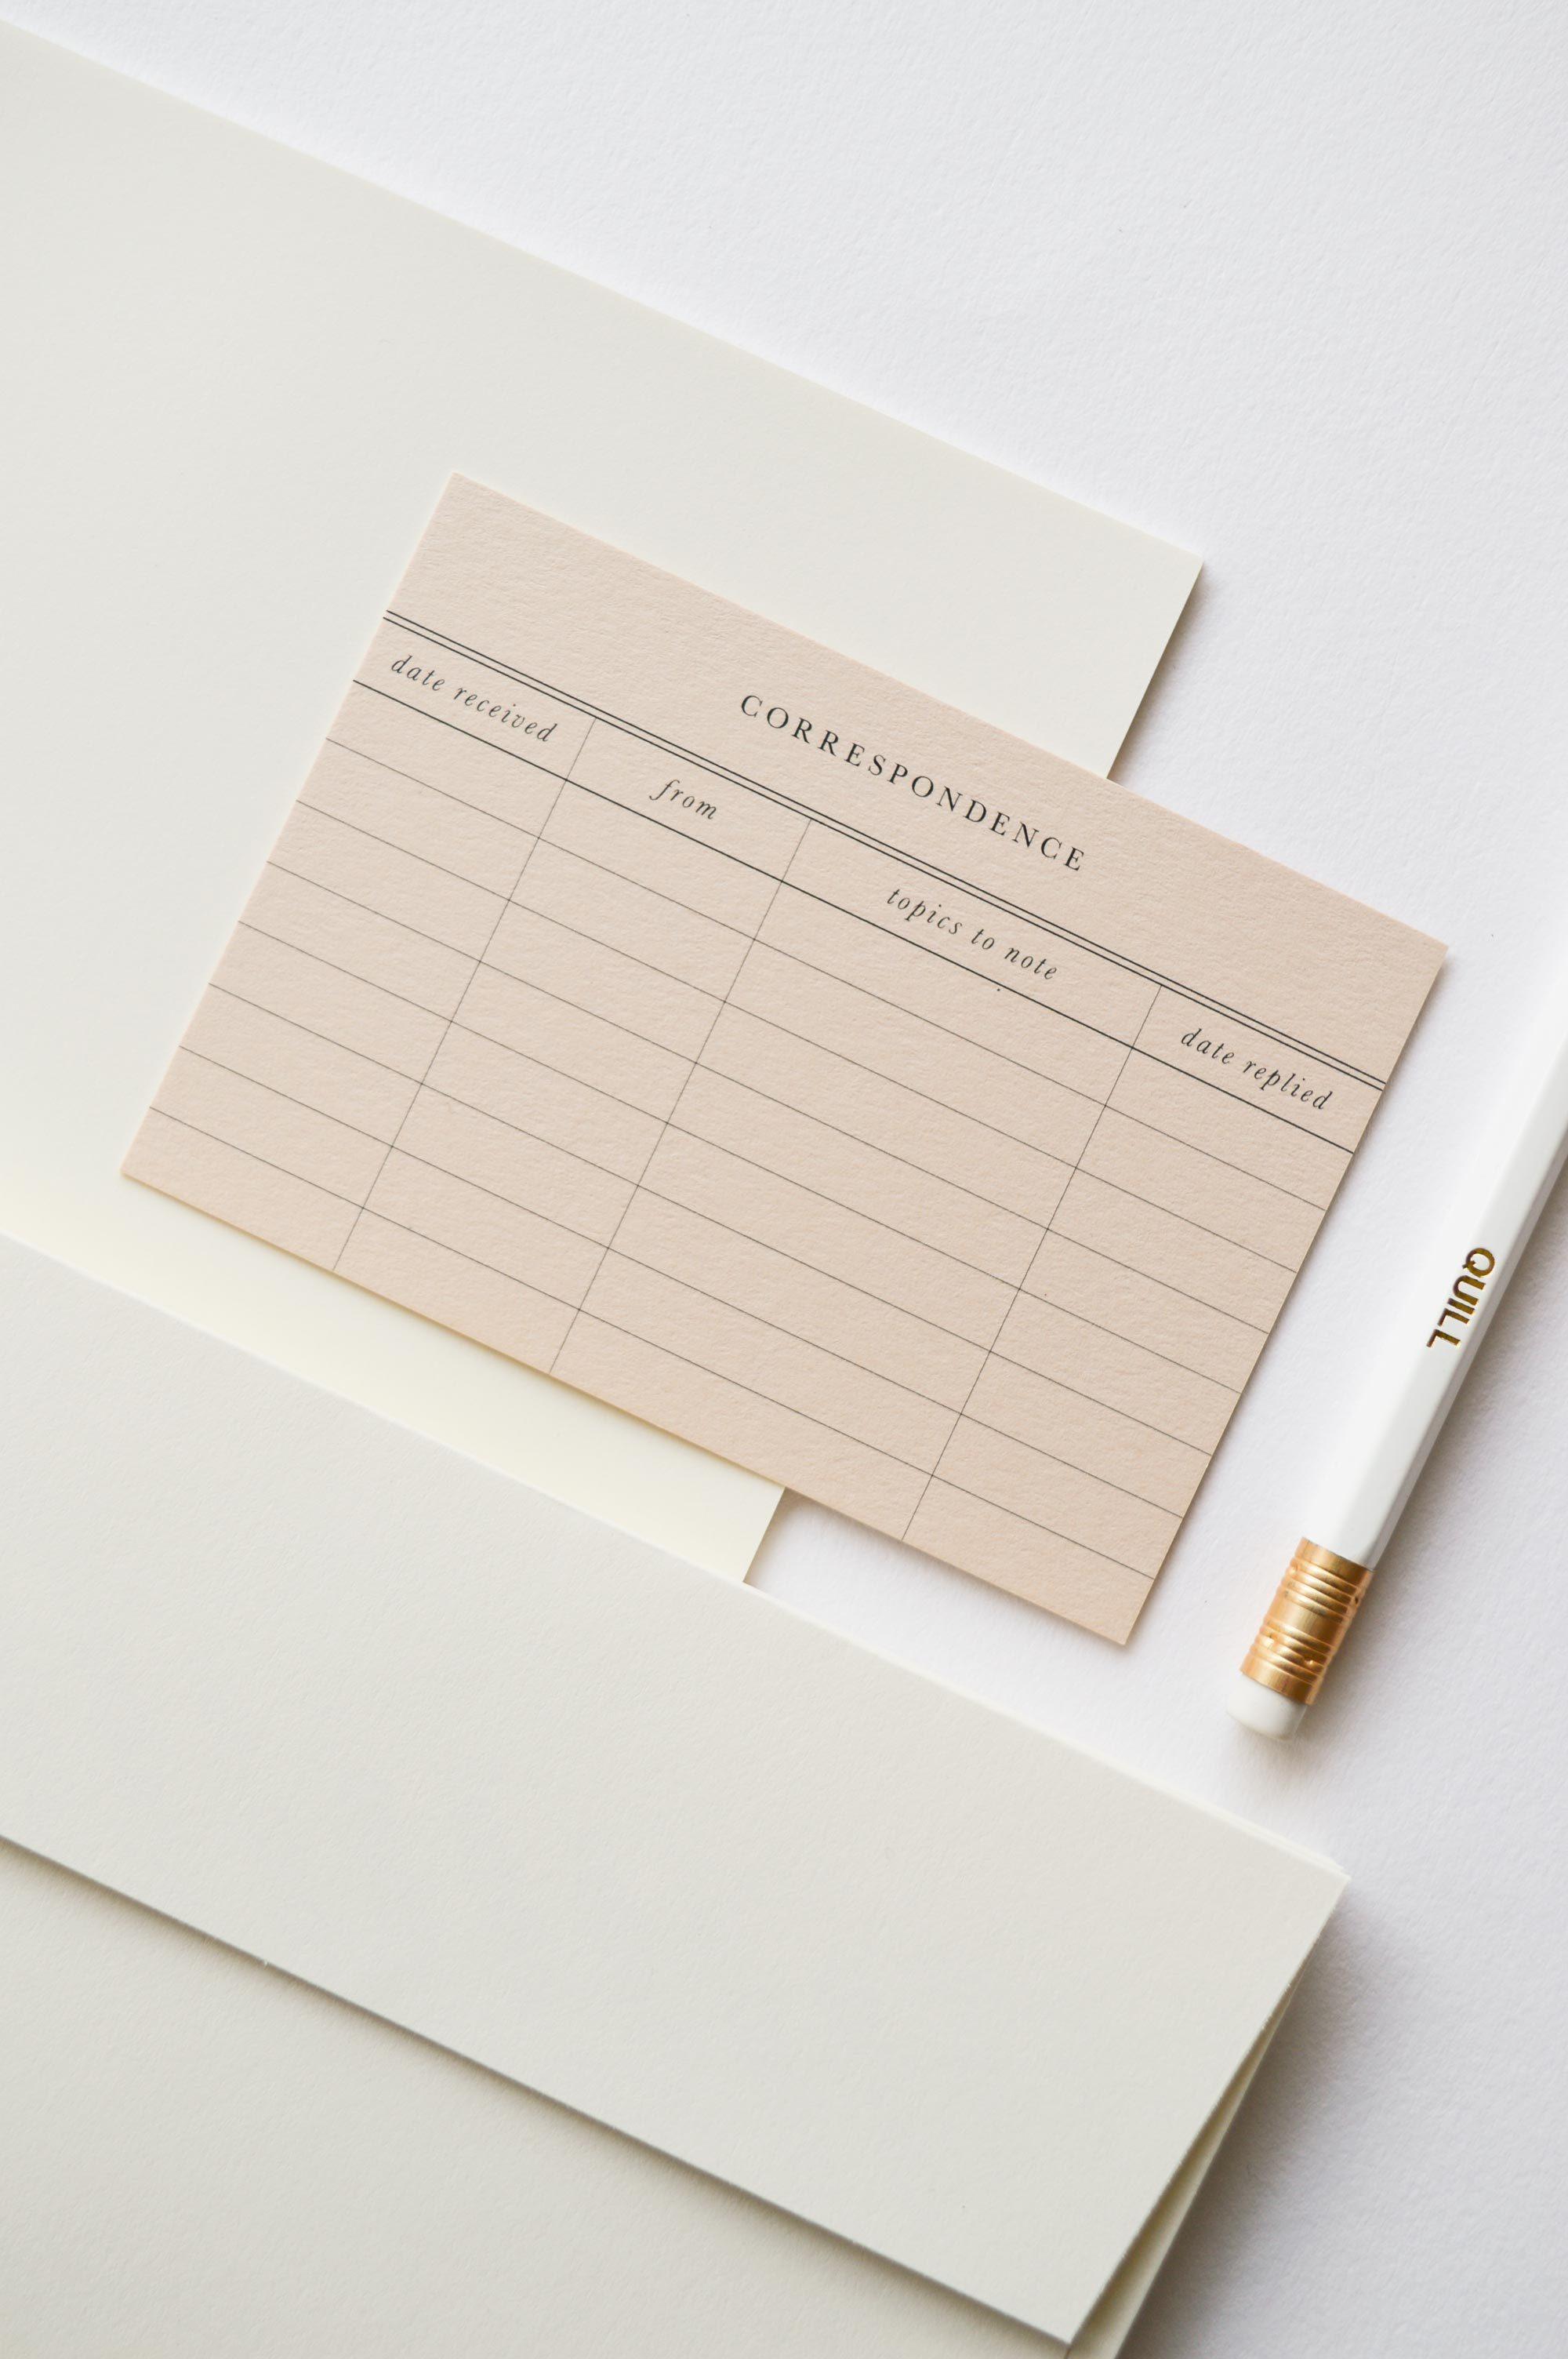 Quill London Letter Writing Kit 2 - Como a experiência de fazer parte de um clube de cartas me ajudou a me conhecer melhor